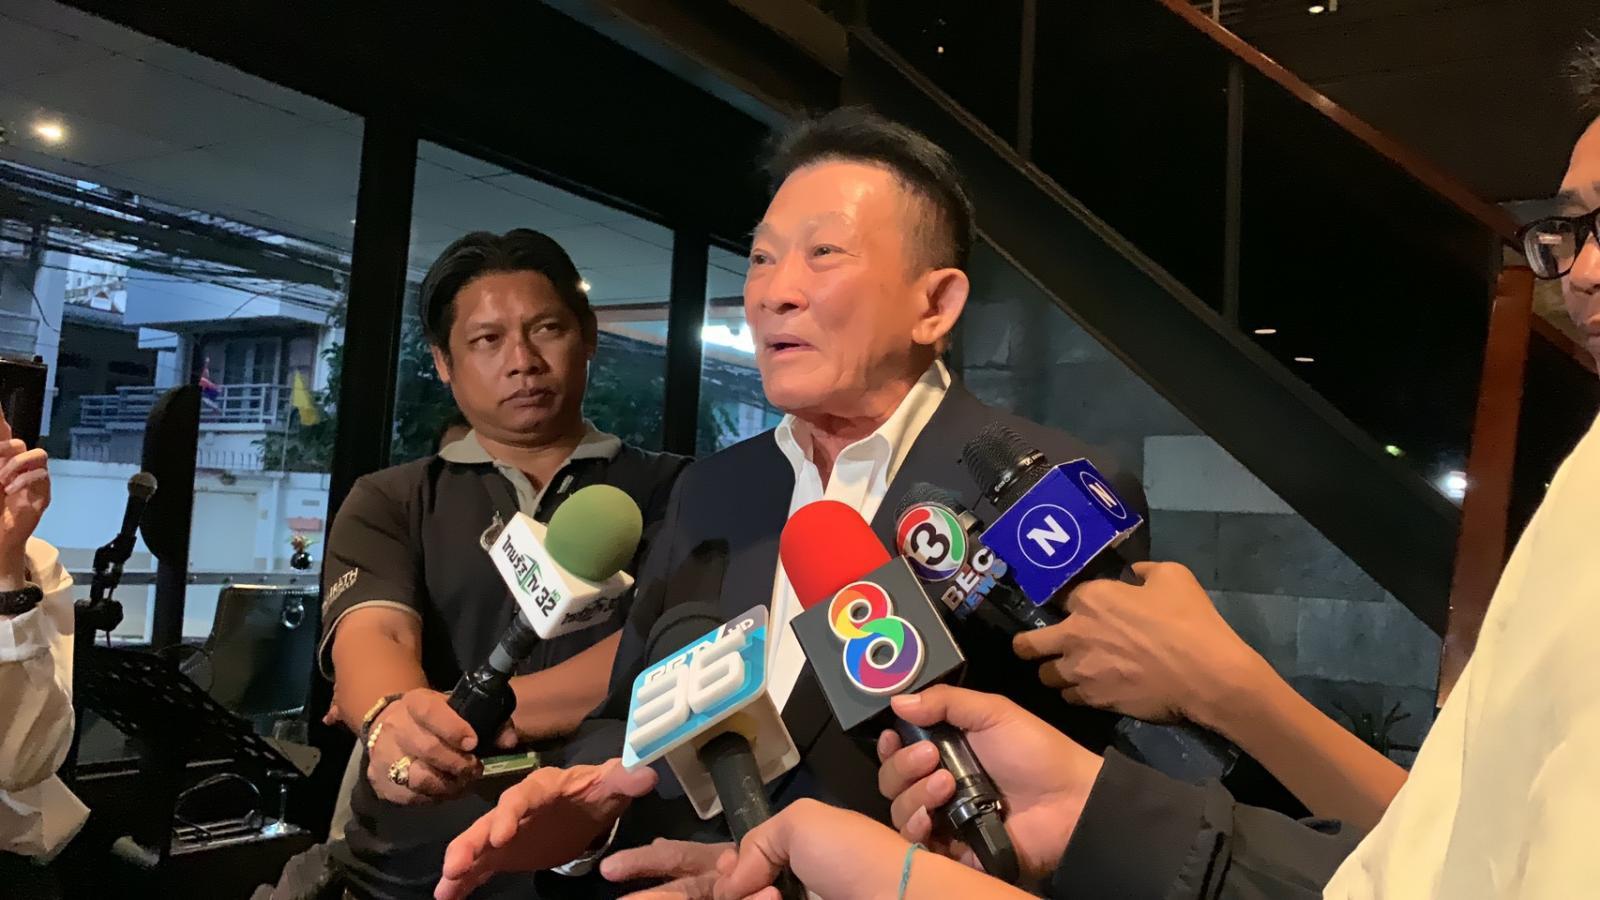 """""""สมพงษ์"""" ปัดเพื่อไทย แบ่งก๊ก ส.ส.ถกเถียงกันเป็นเรื่องปกติ"""